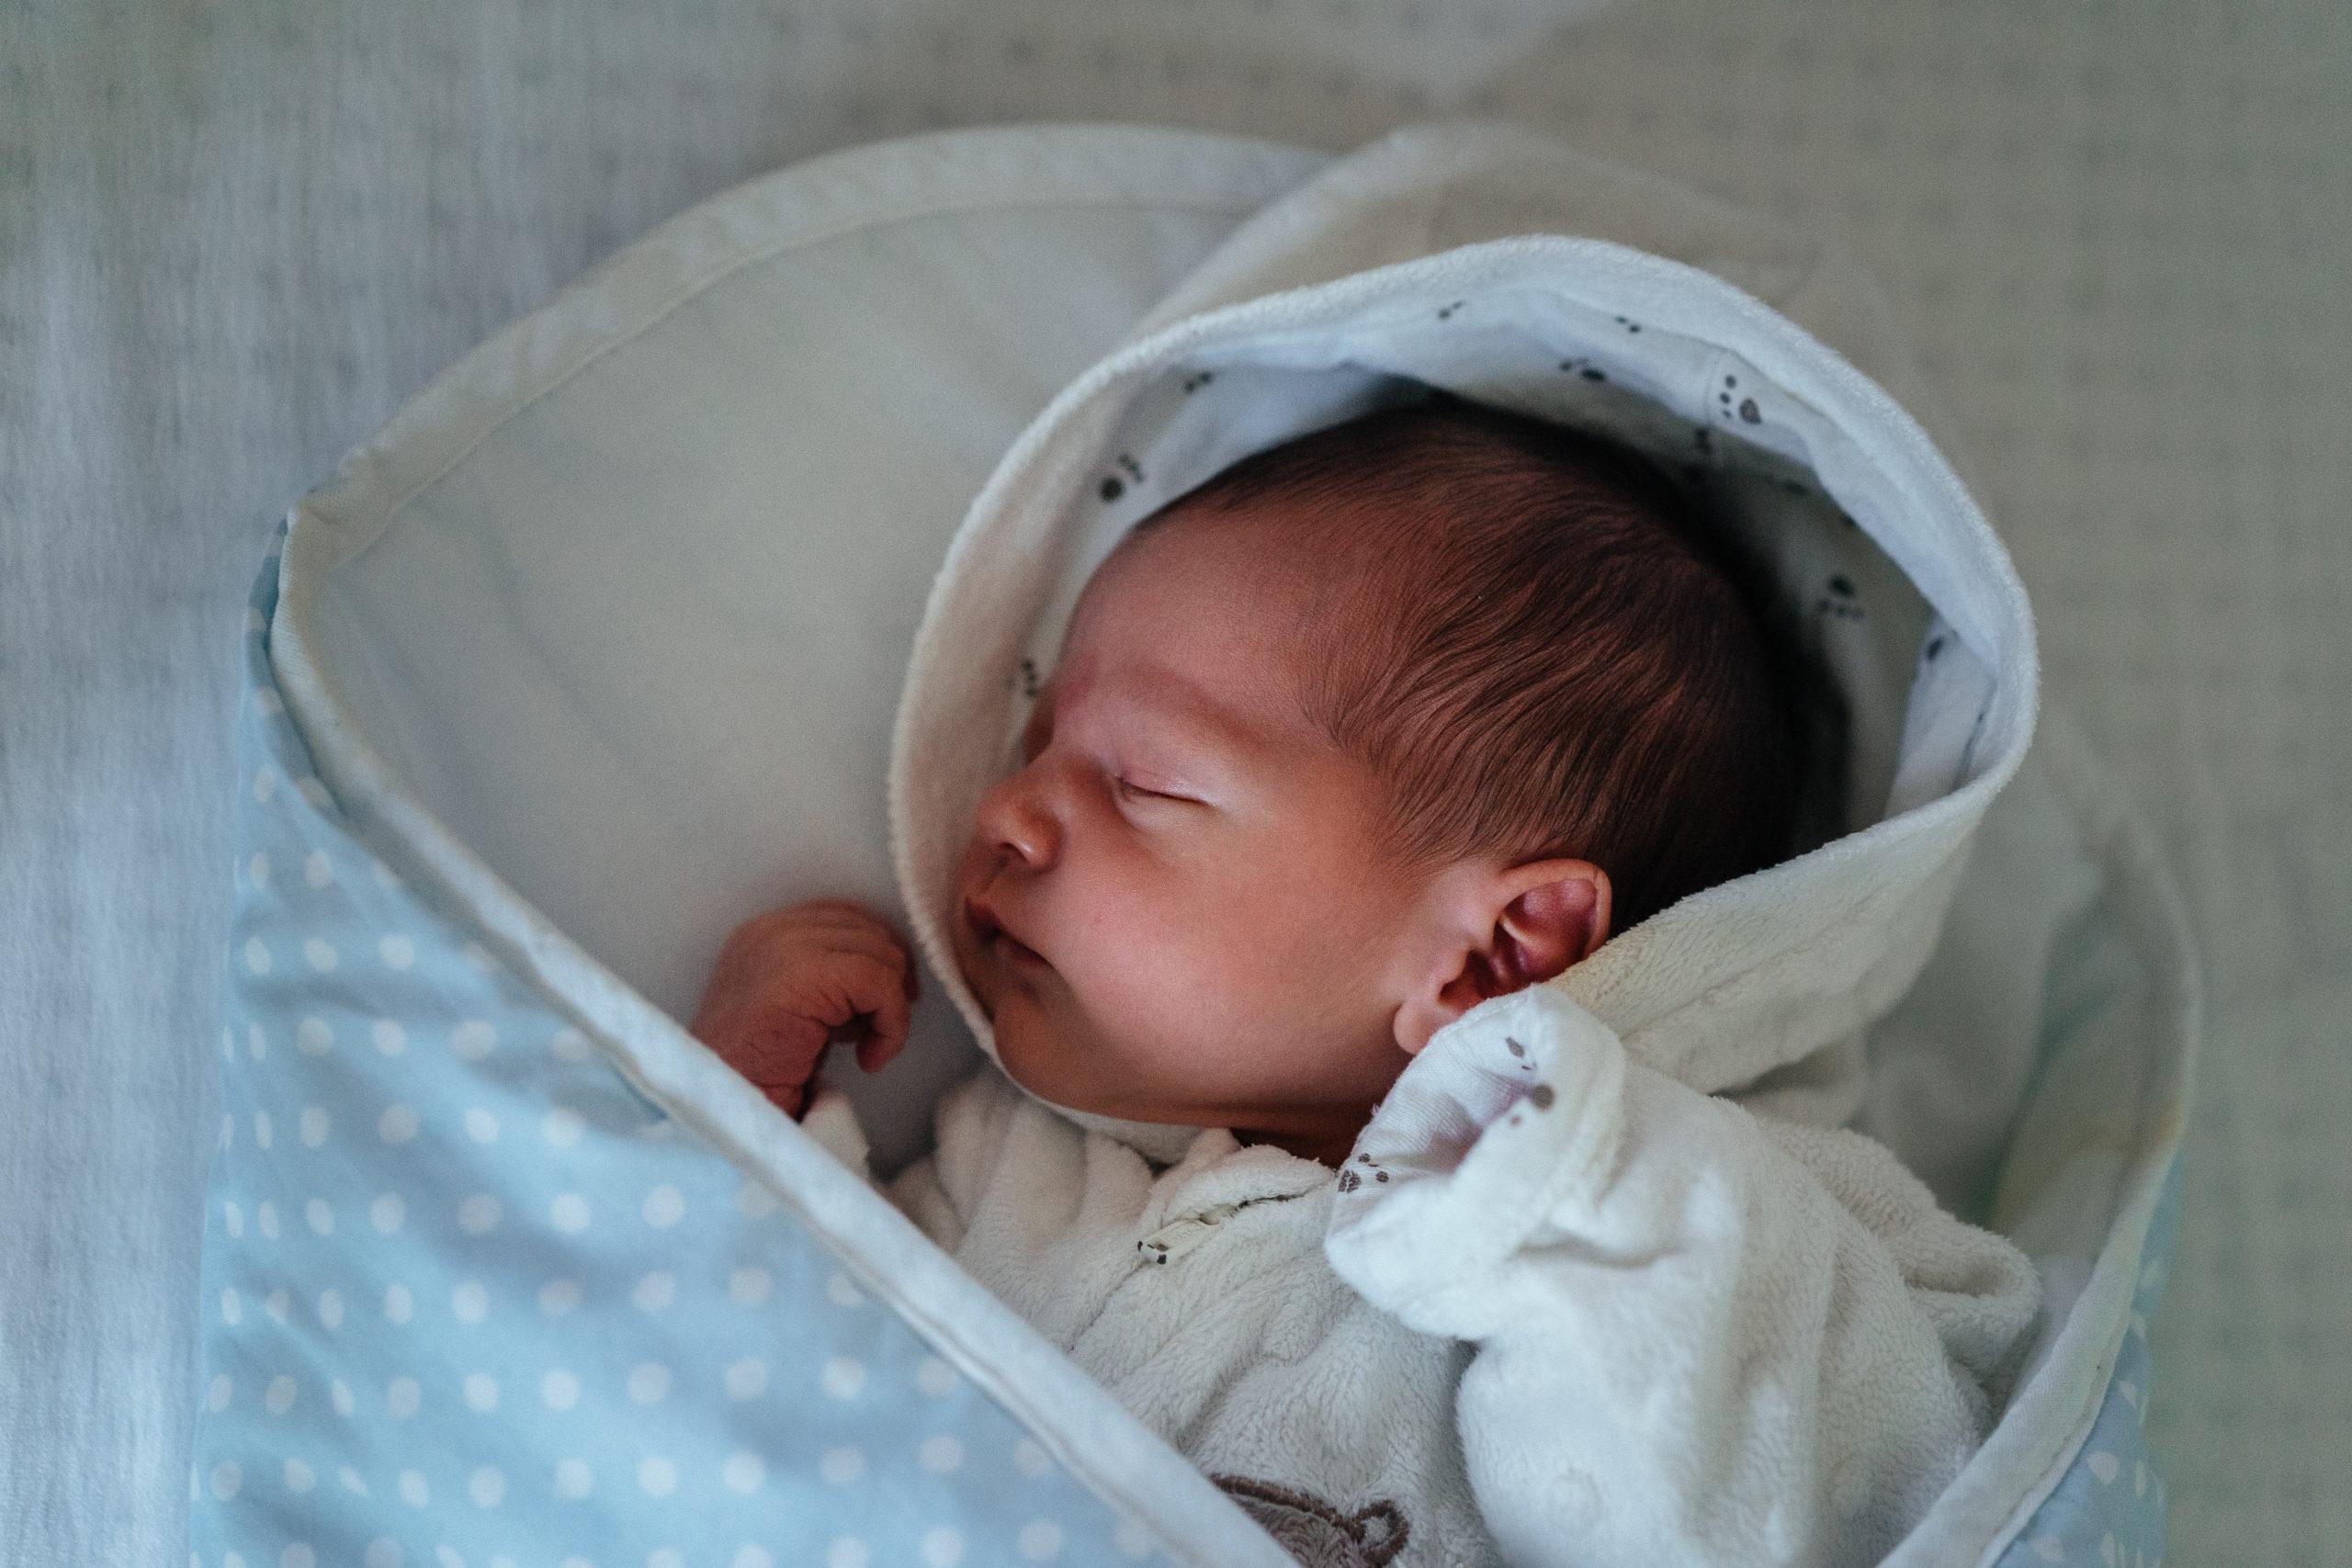 Vastasyntynyt vauva nukkuu kapaloituna